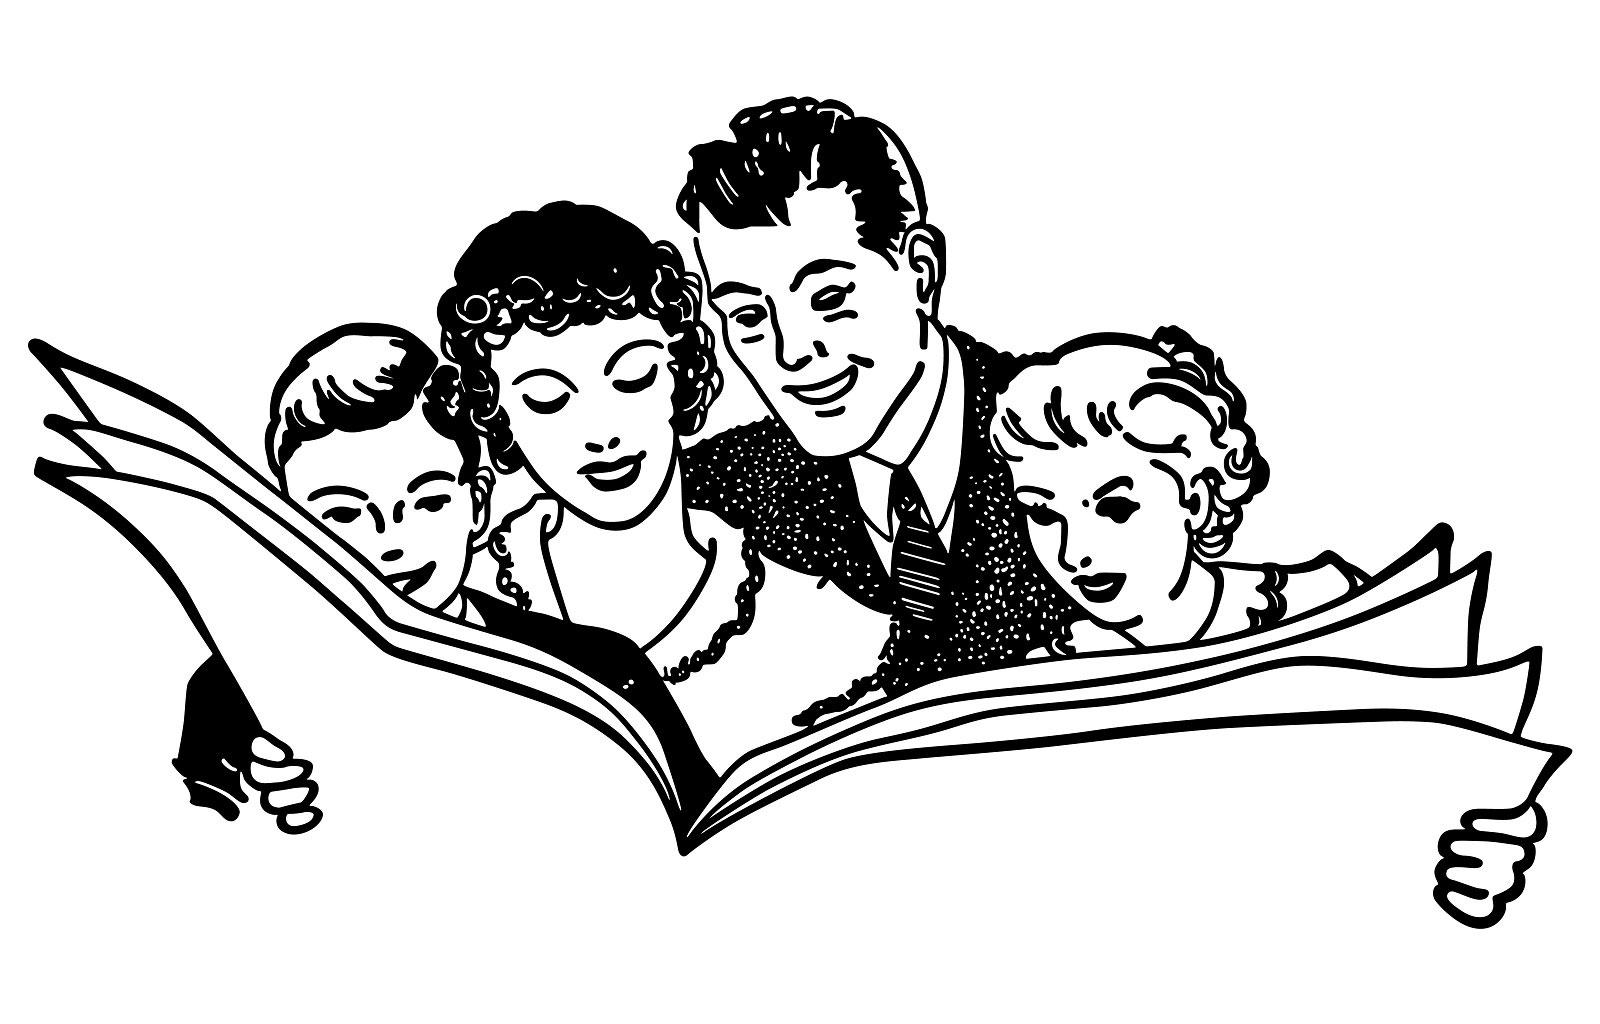 ¿Crees que tu velocidad media de lectura es mejor que la de los años 50?